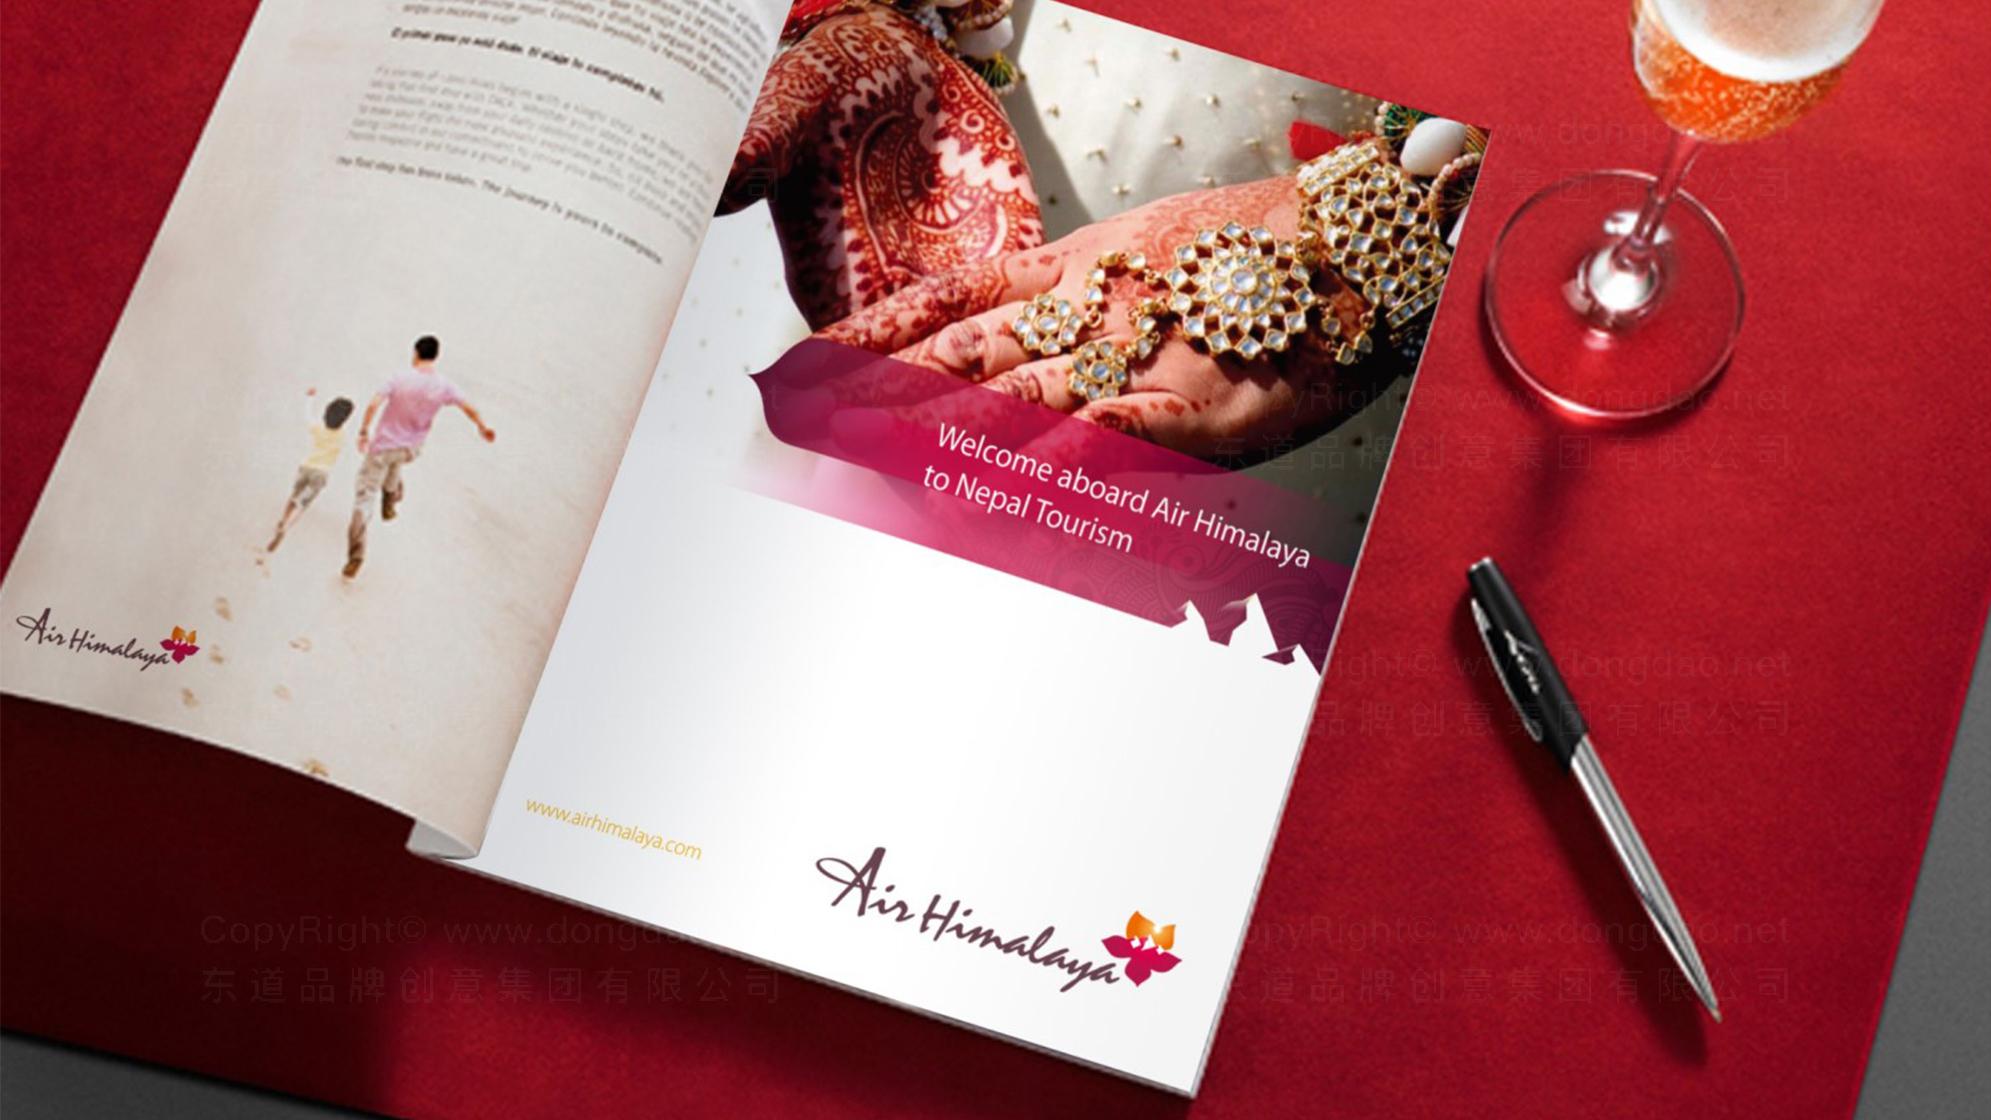 品牌设计喜马拉雅航空设计方案应用场景